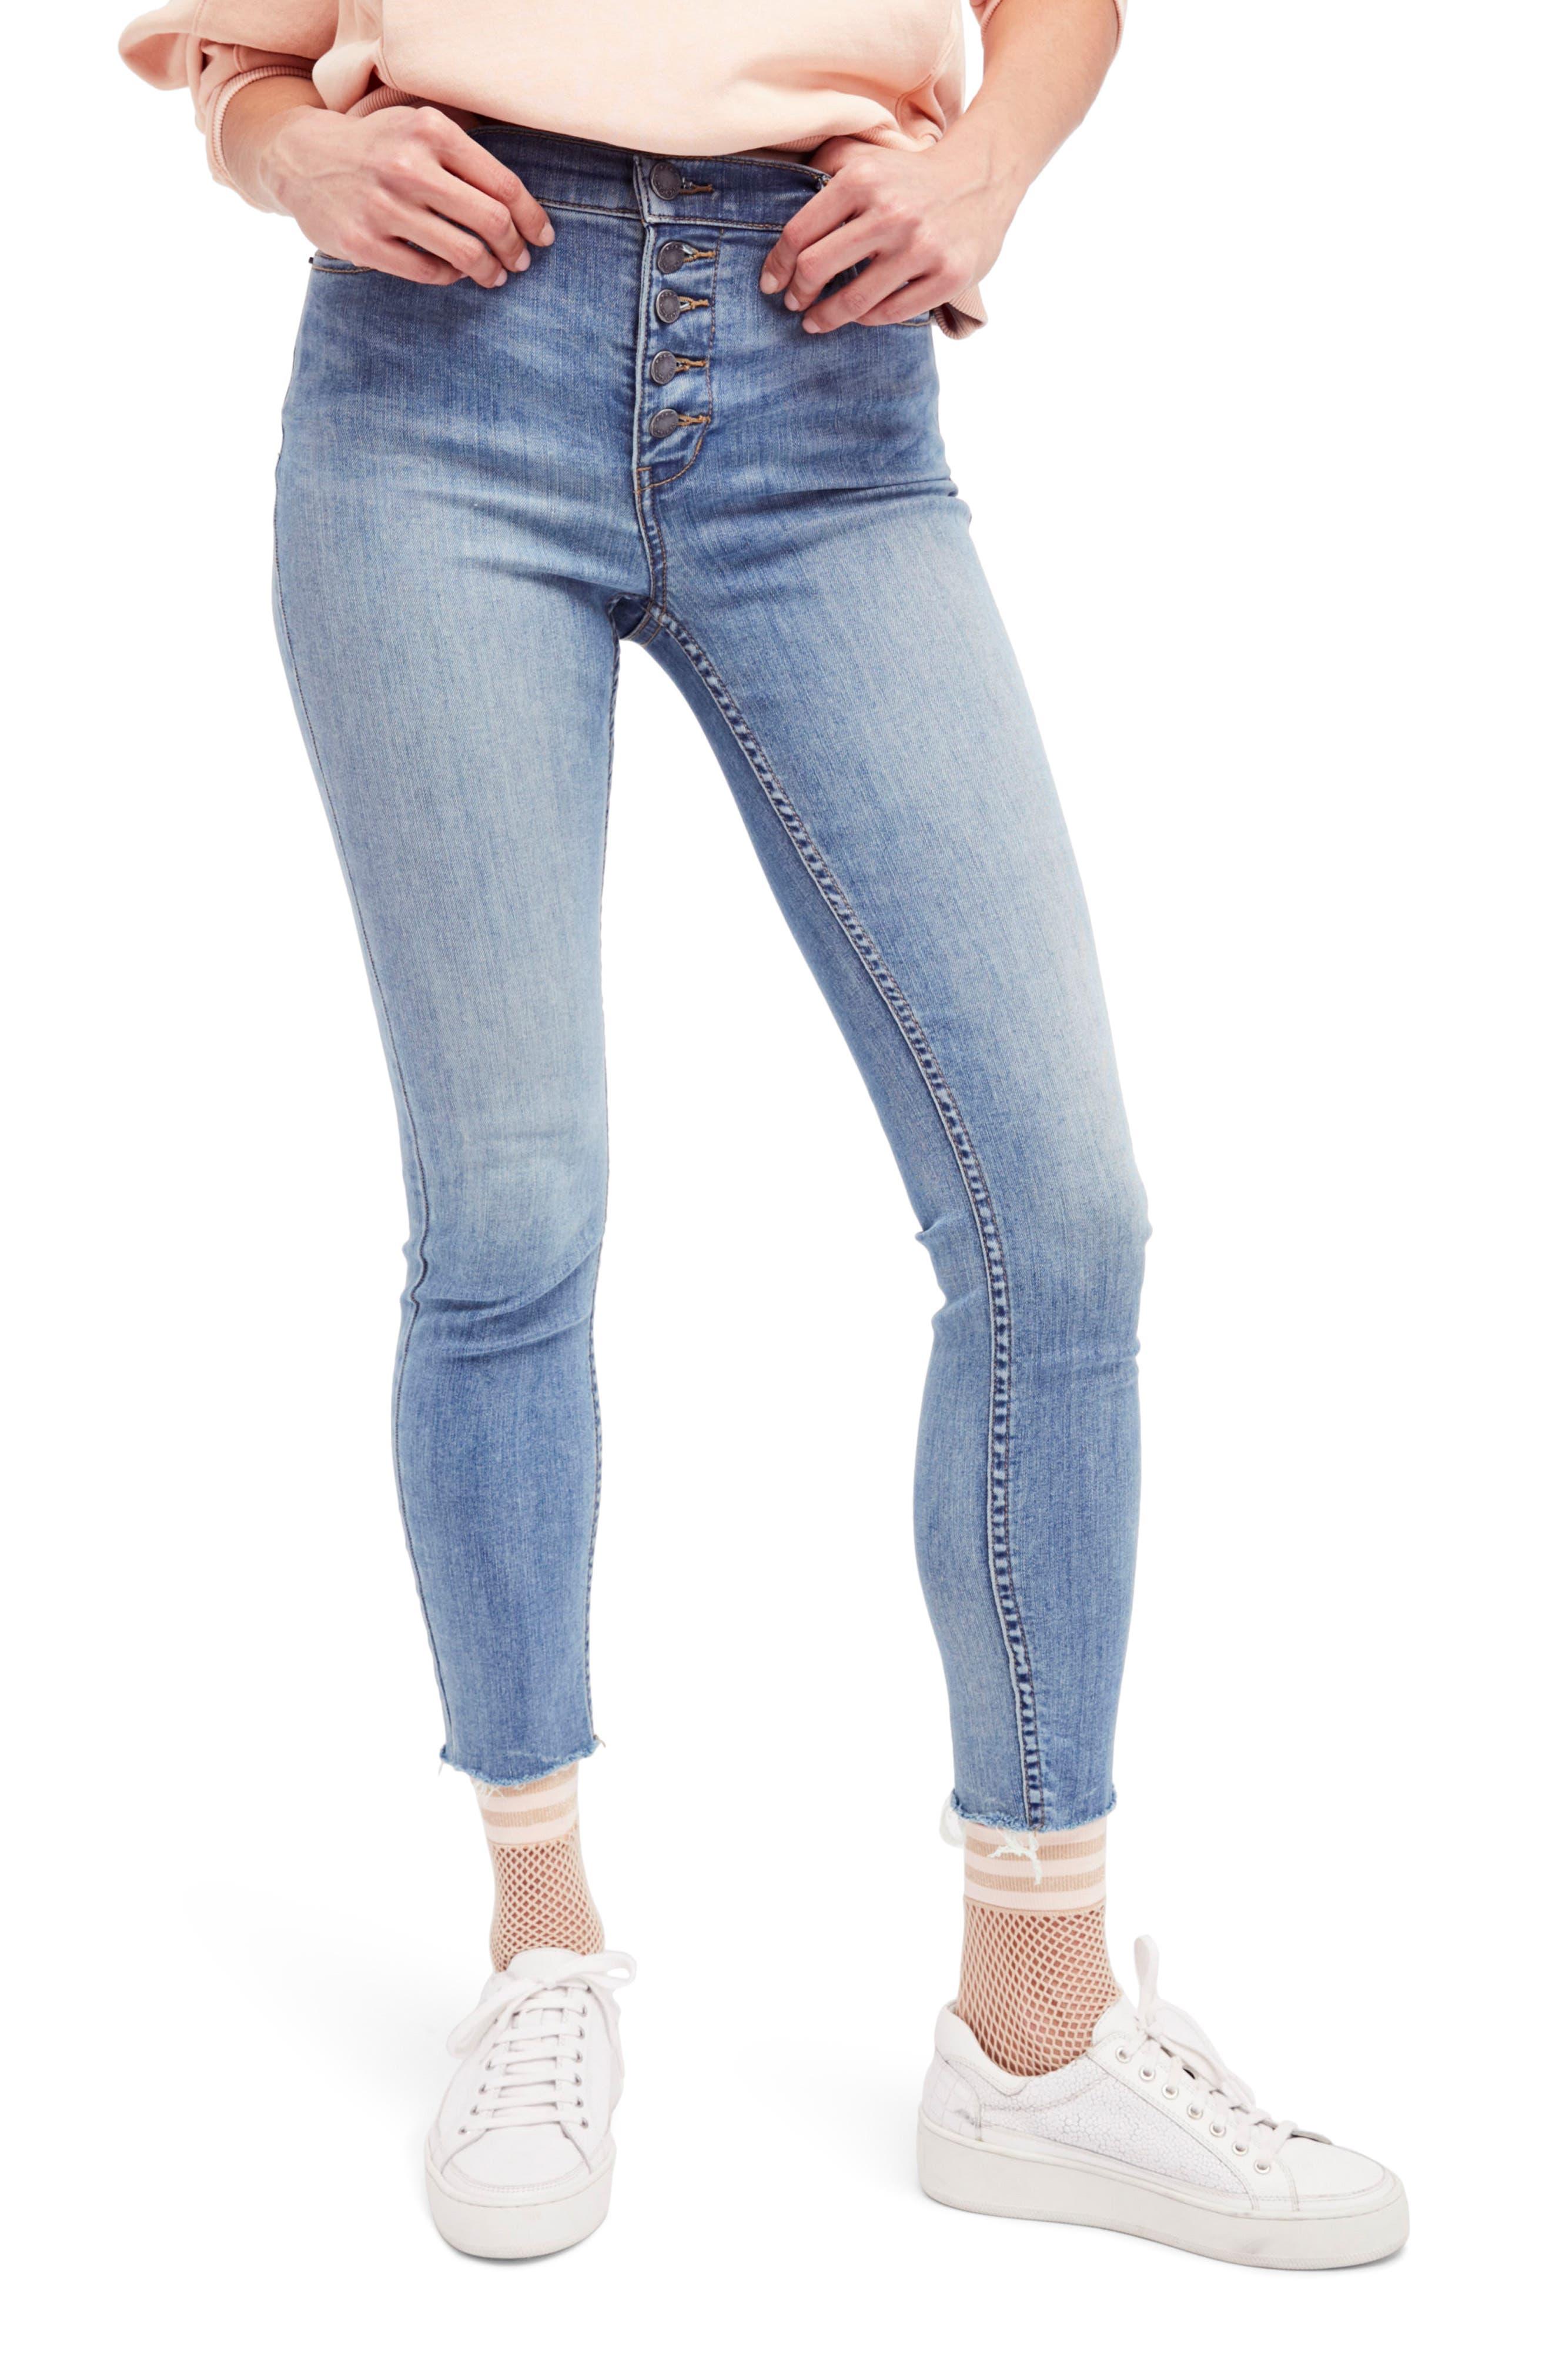 Alternate Image 1 Selected - Free People Reagan Crop Skinny Jeans (Sky)